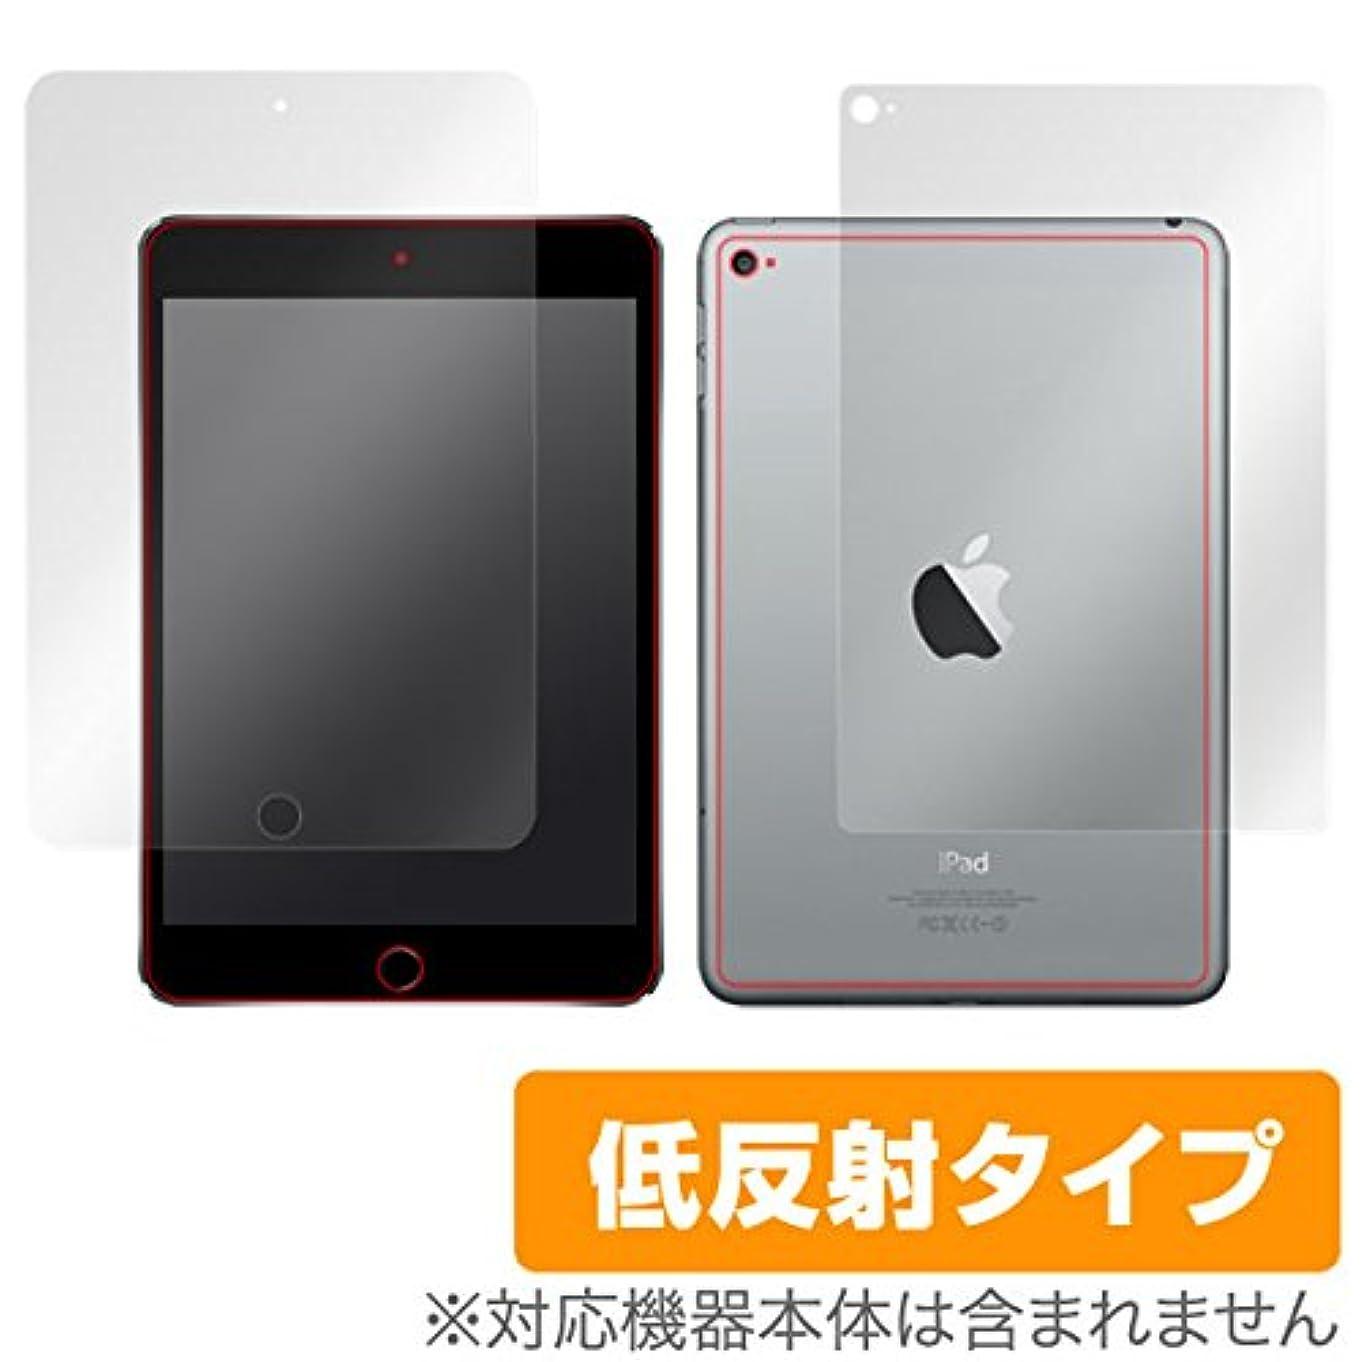 ガウンインシュレータ用量OverLay Plus for iPad mini 4 (Wi-Fiモデル) 『表?裏両面セット』 液晶 保護シート 低反射 非光沢 アンチグレア ノングレア フィルム 第四世代 第4世代 OLIPADM4/S/4